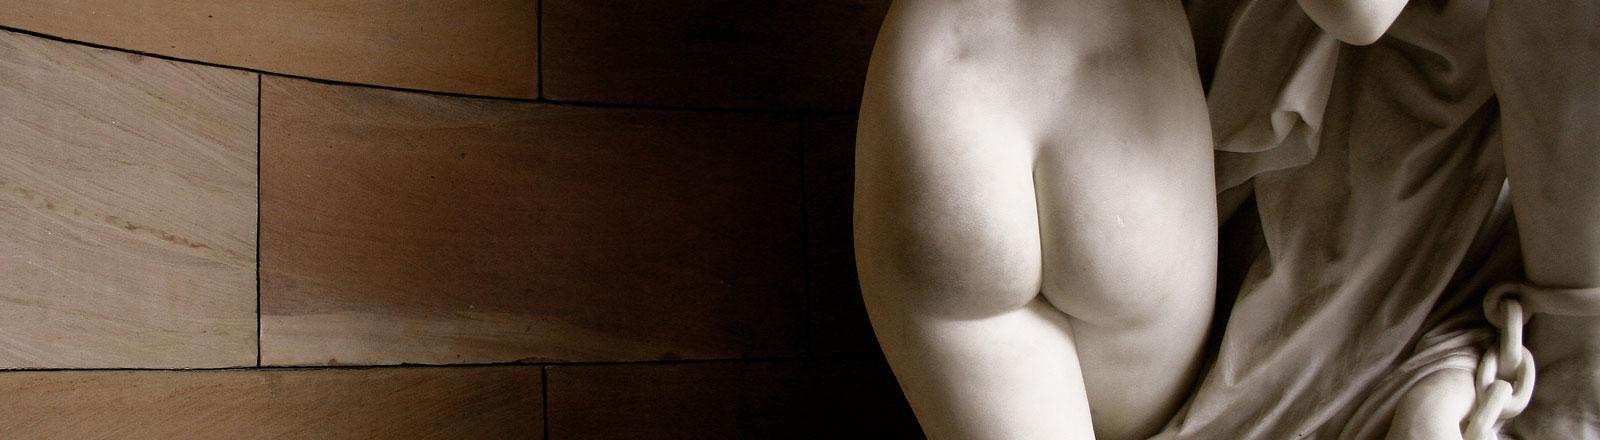 Der Po einer Frauenstatue